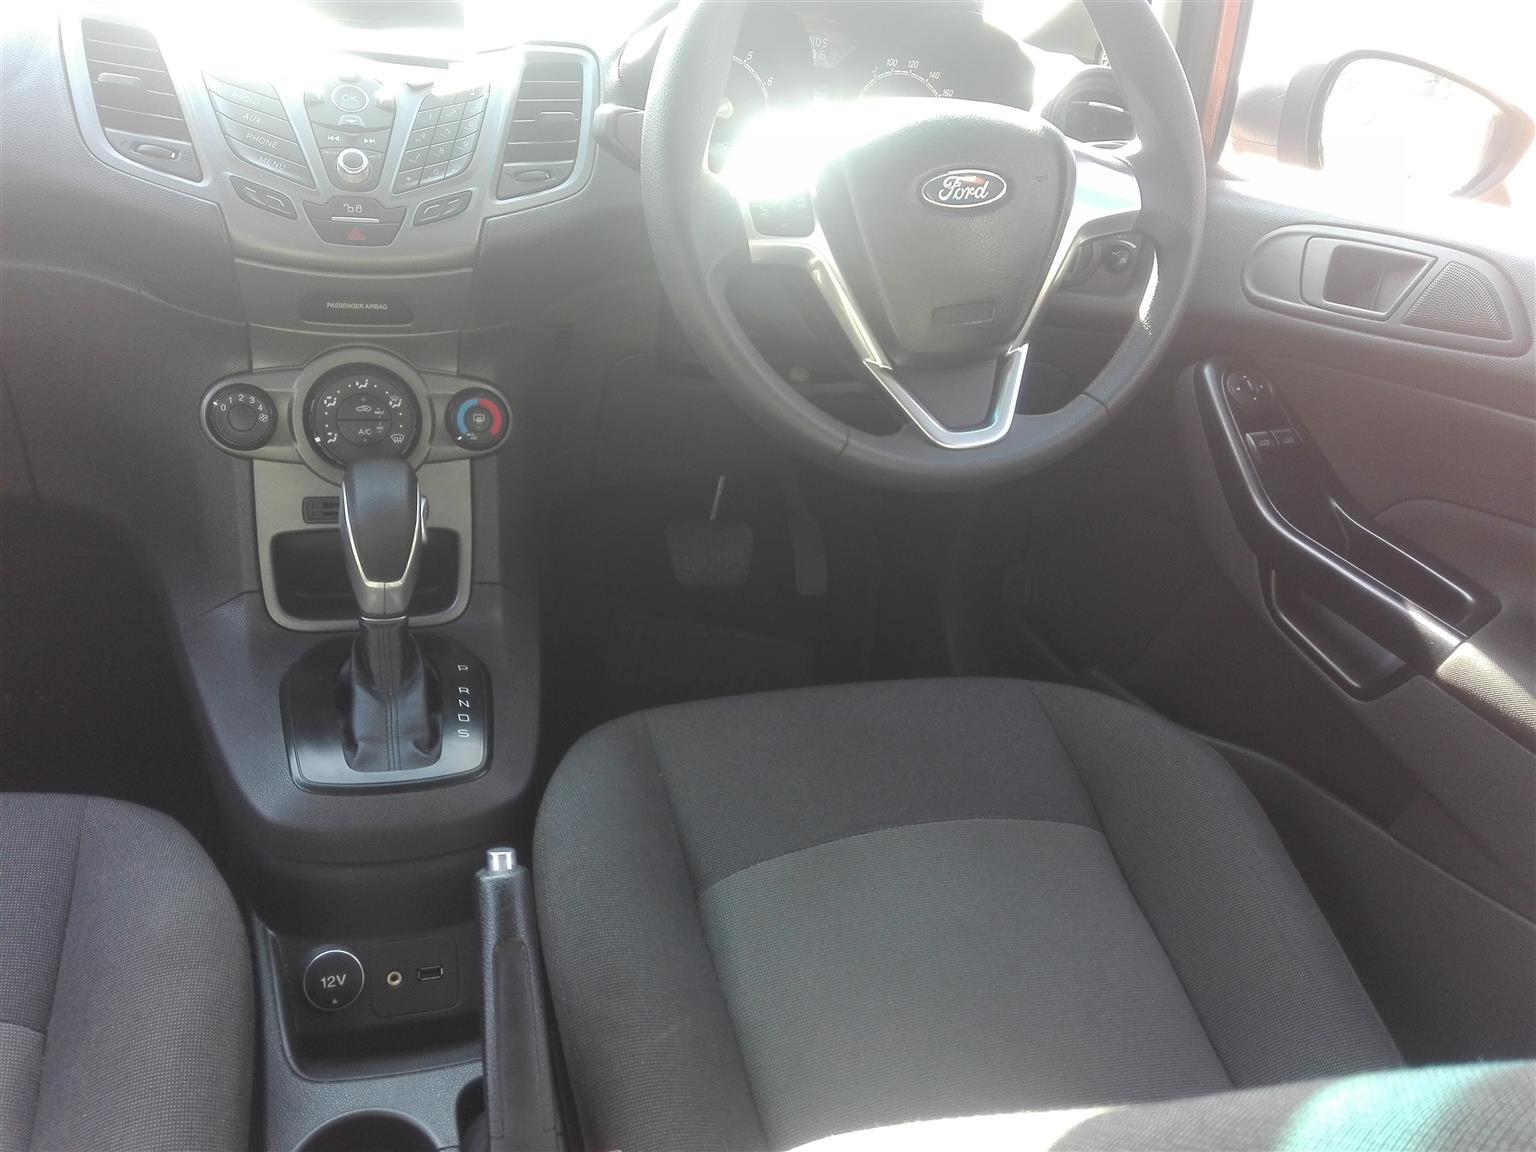 2015 Ford Fiesta hatch 5-door FIESTA 1.0 ECOBOOST TREND 5DR